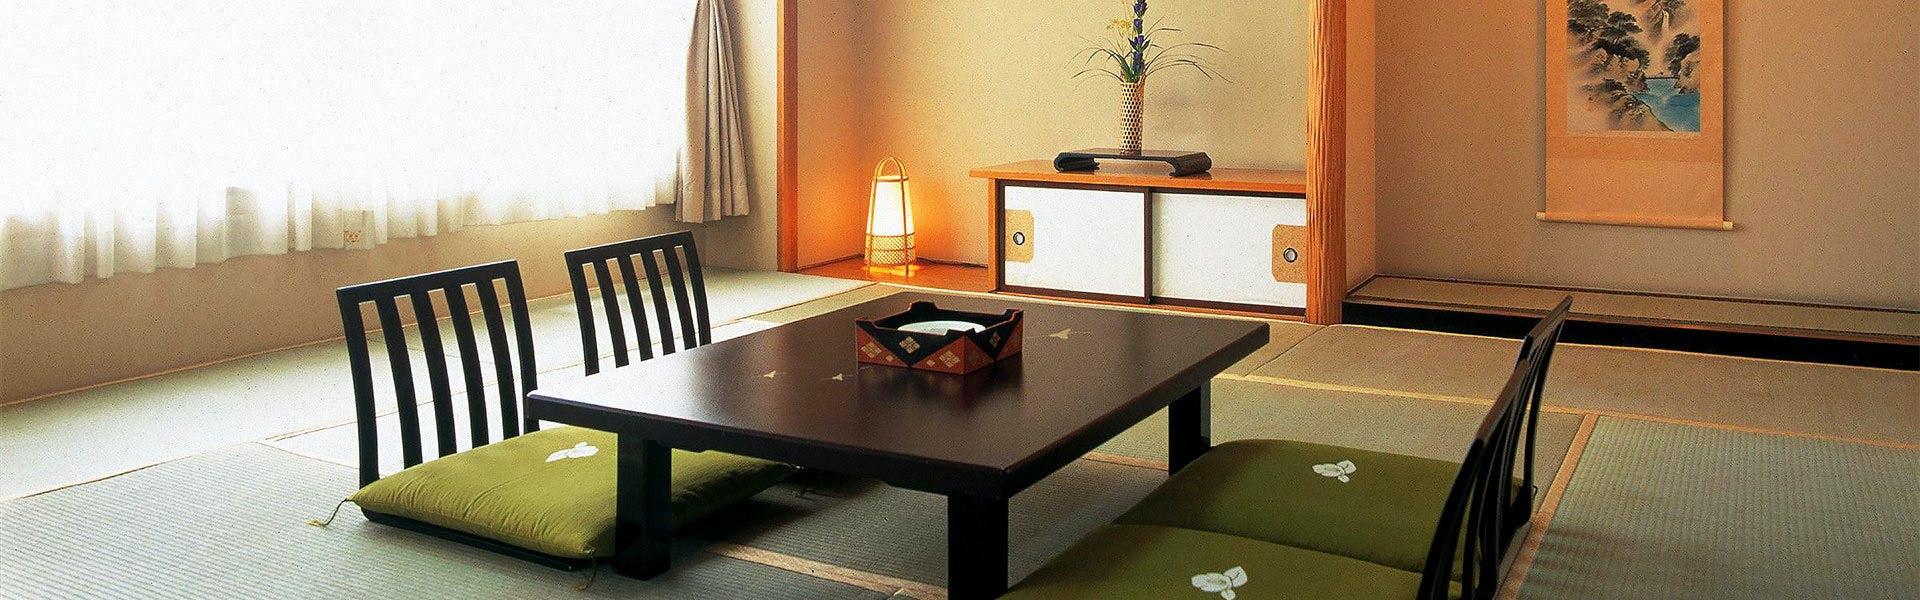 記念日におすすめのホテル・華やぎの章 慶山の写真2